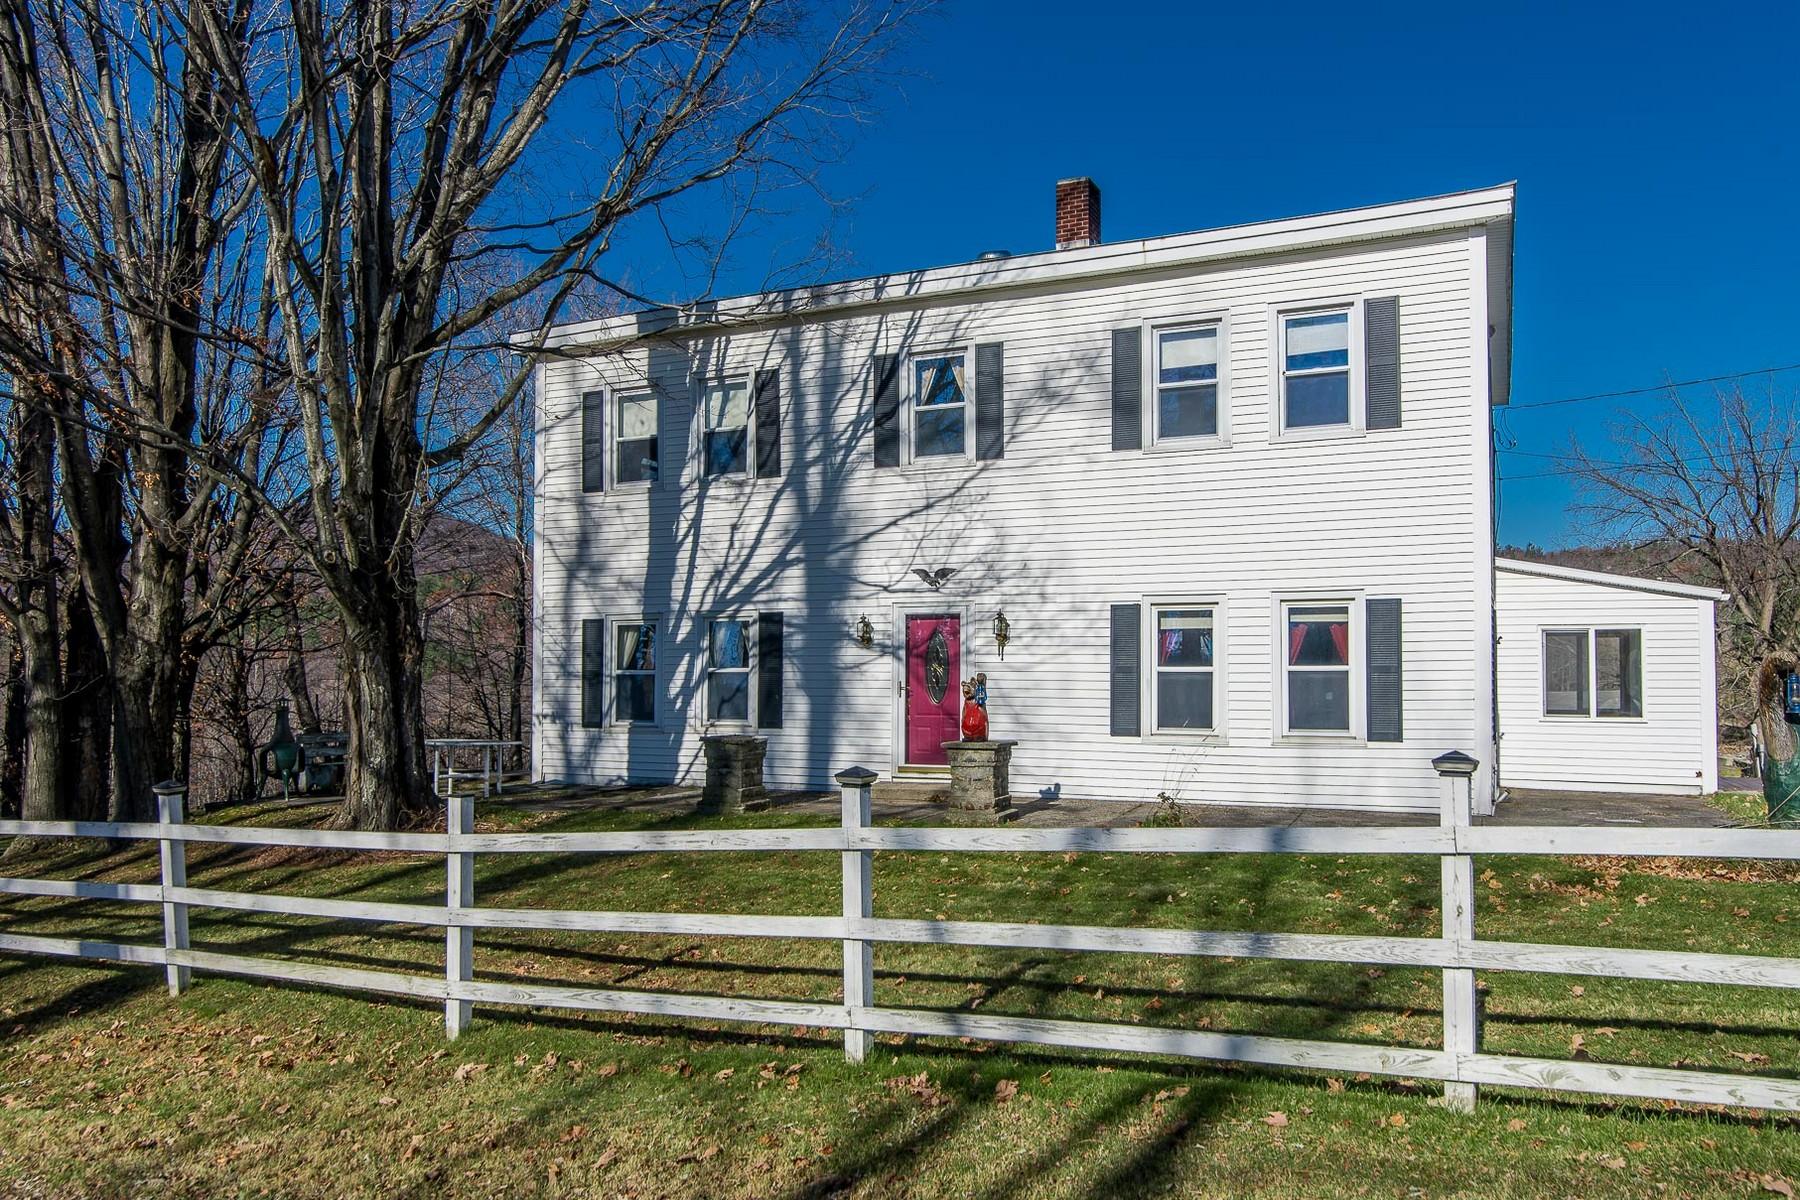 Частный односемейный дом для того Продажа на 1663 Waite Hill, Pawlet Pawlet, Вермонт 05761 Соединенные Штаты